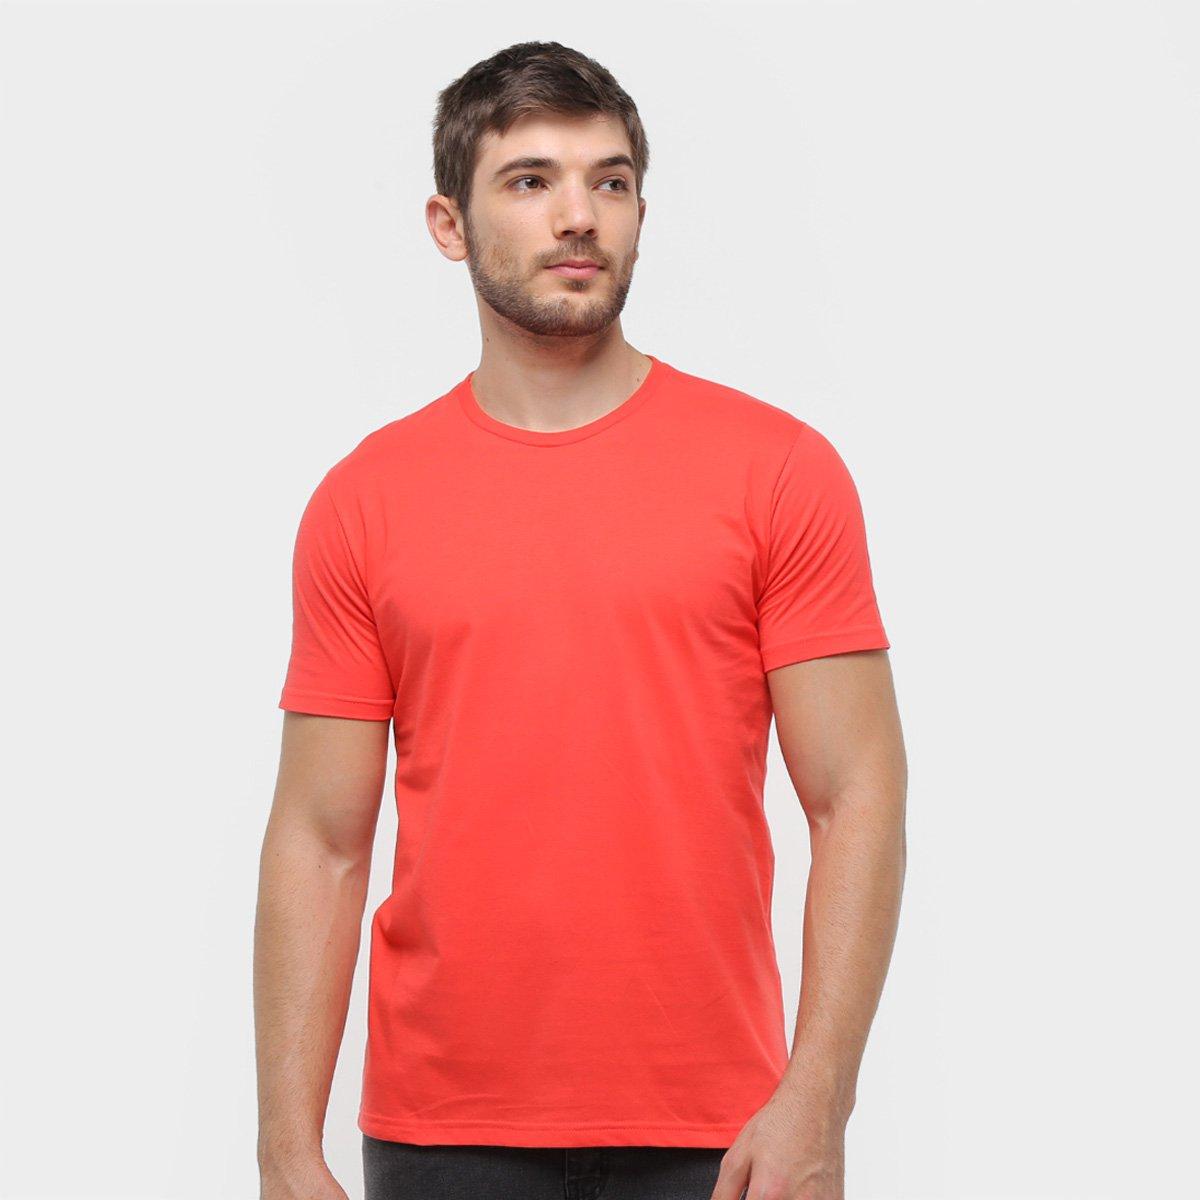 Camiseta Malwee Tradicional Básica Masculina